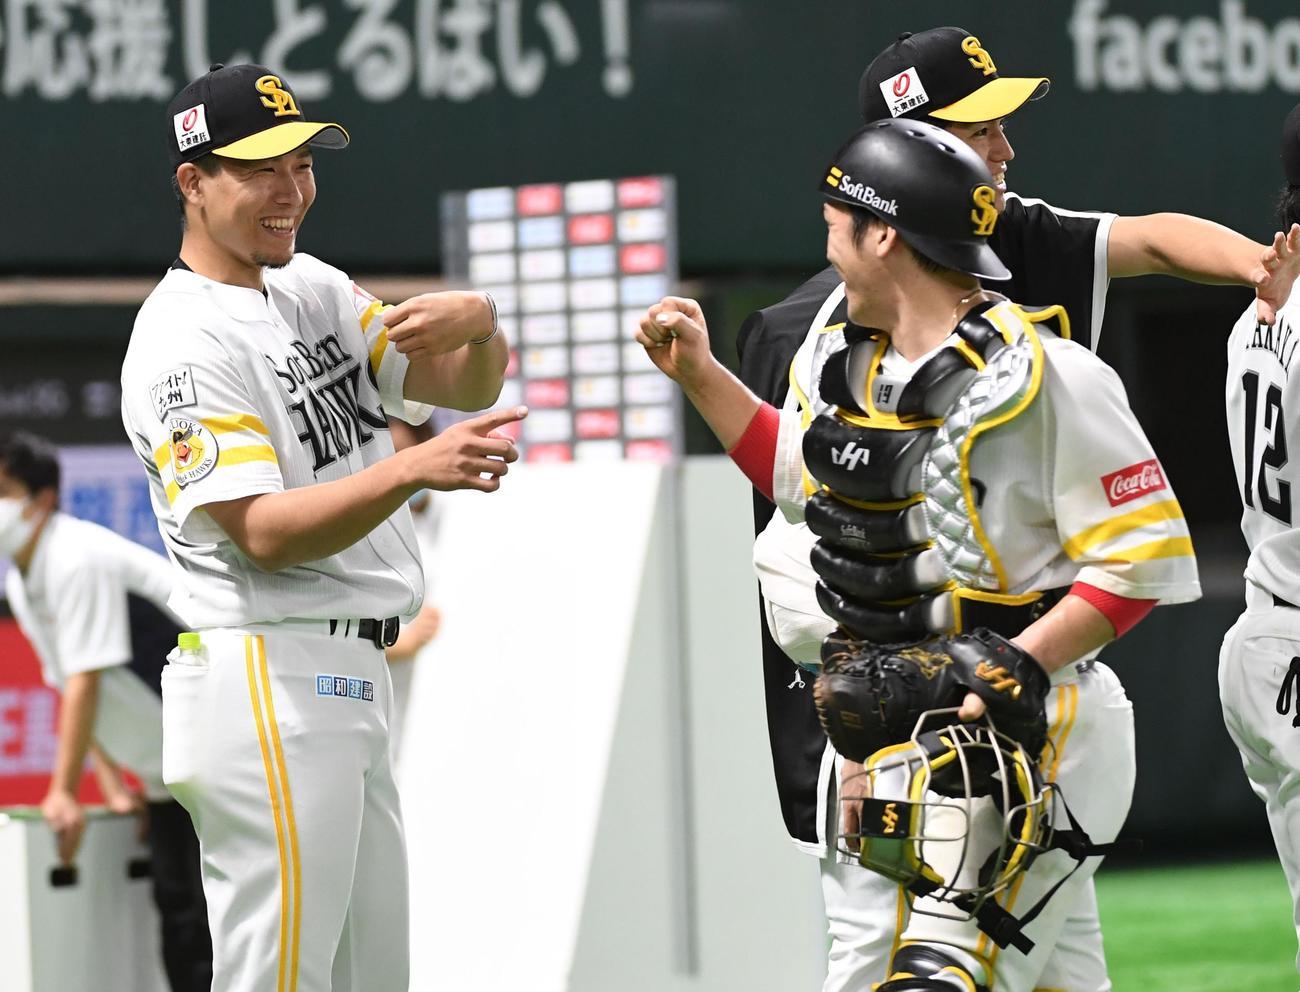 ソフトバンク対楽天 今季初勝利を挙げた千賀(左)は笑顔で捕手の甲斐を迎える(撮影・今浪浩三)